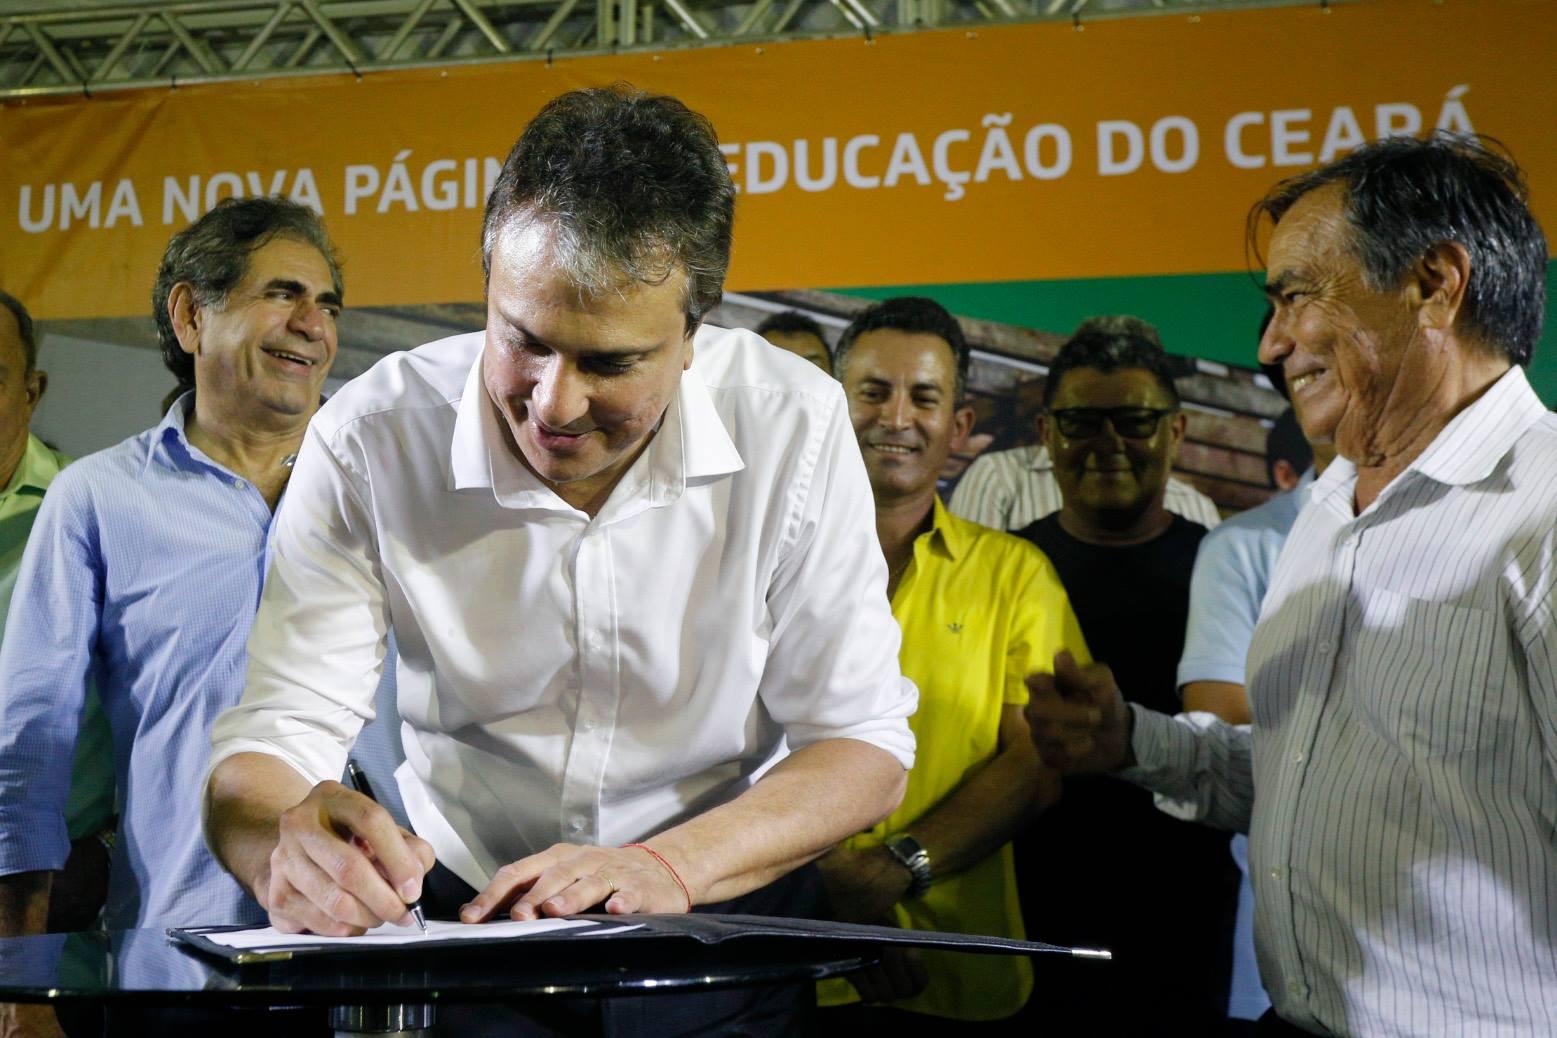 Para conter crise, Governo do Ceará nomeia 593 agentes de segurança